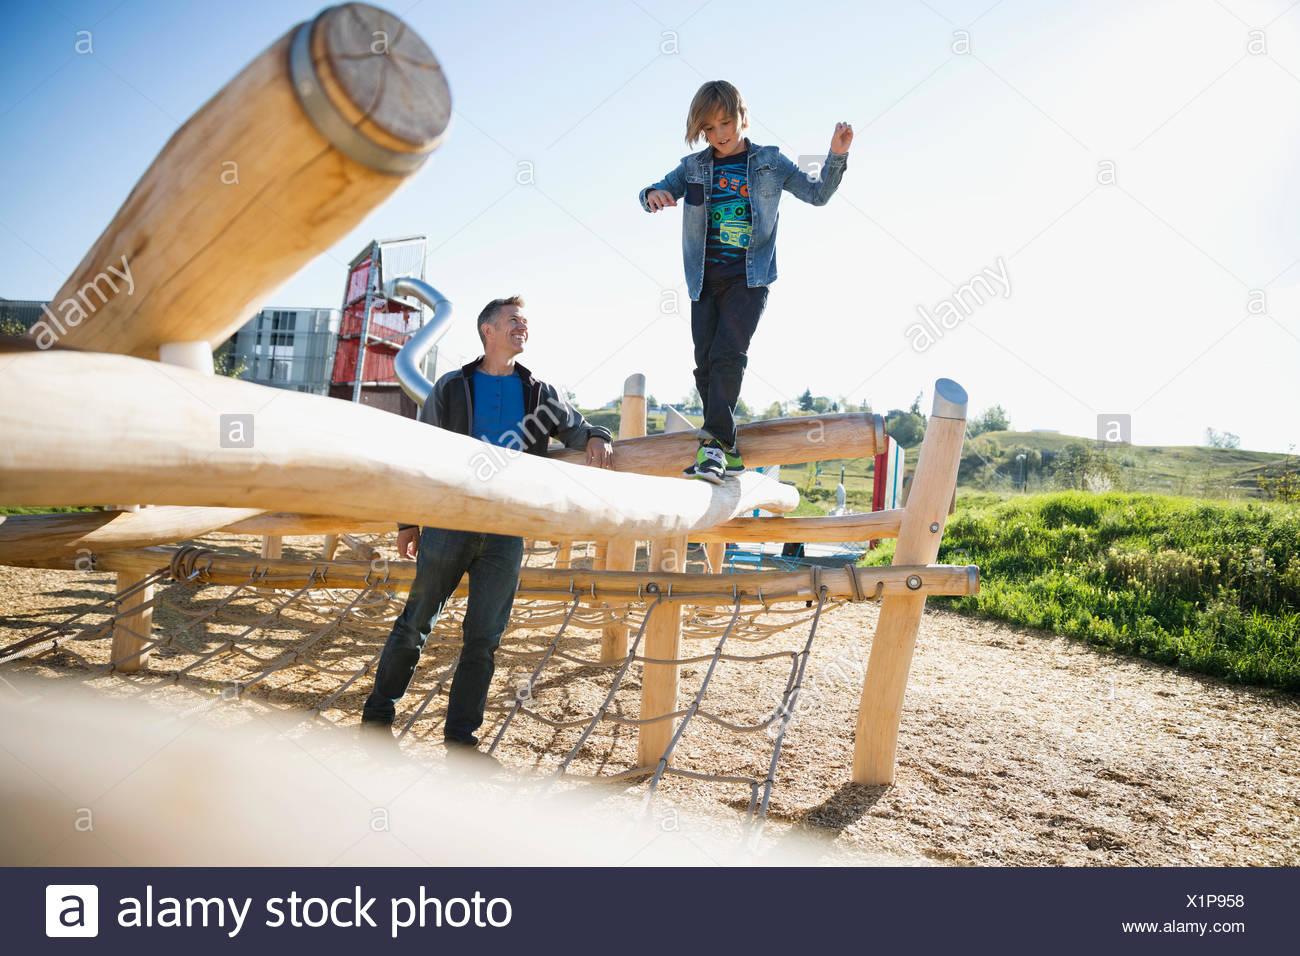 Vater beobachtete Sohn Ausgleich meldet sich sonnige Spielplatz Stockbild